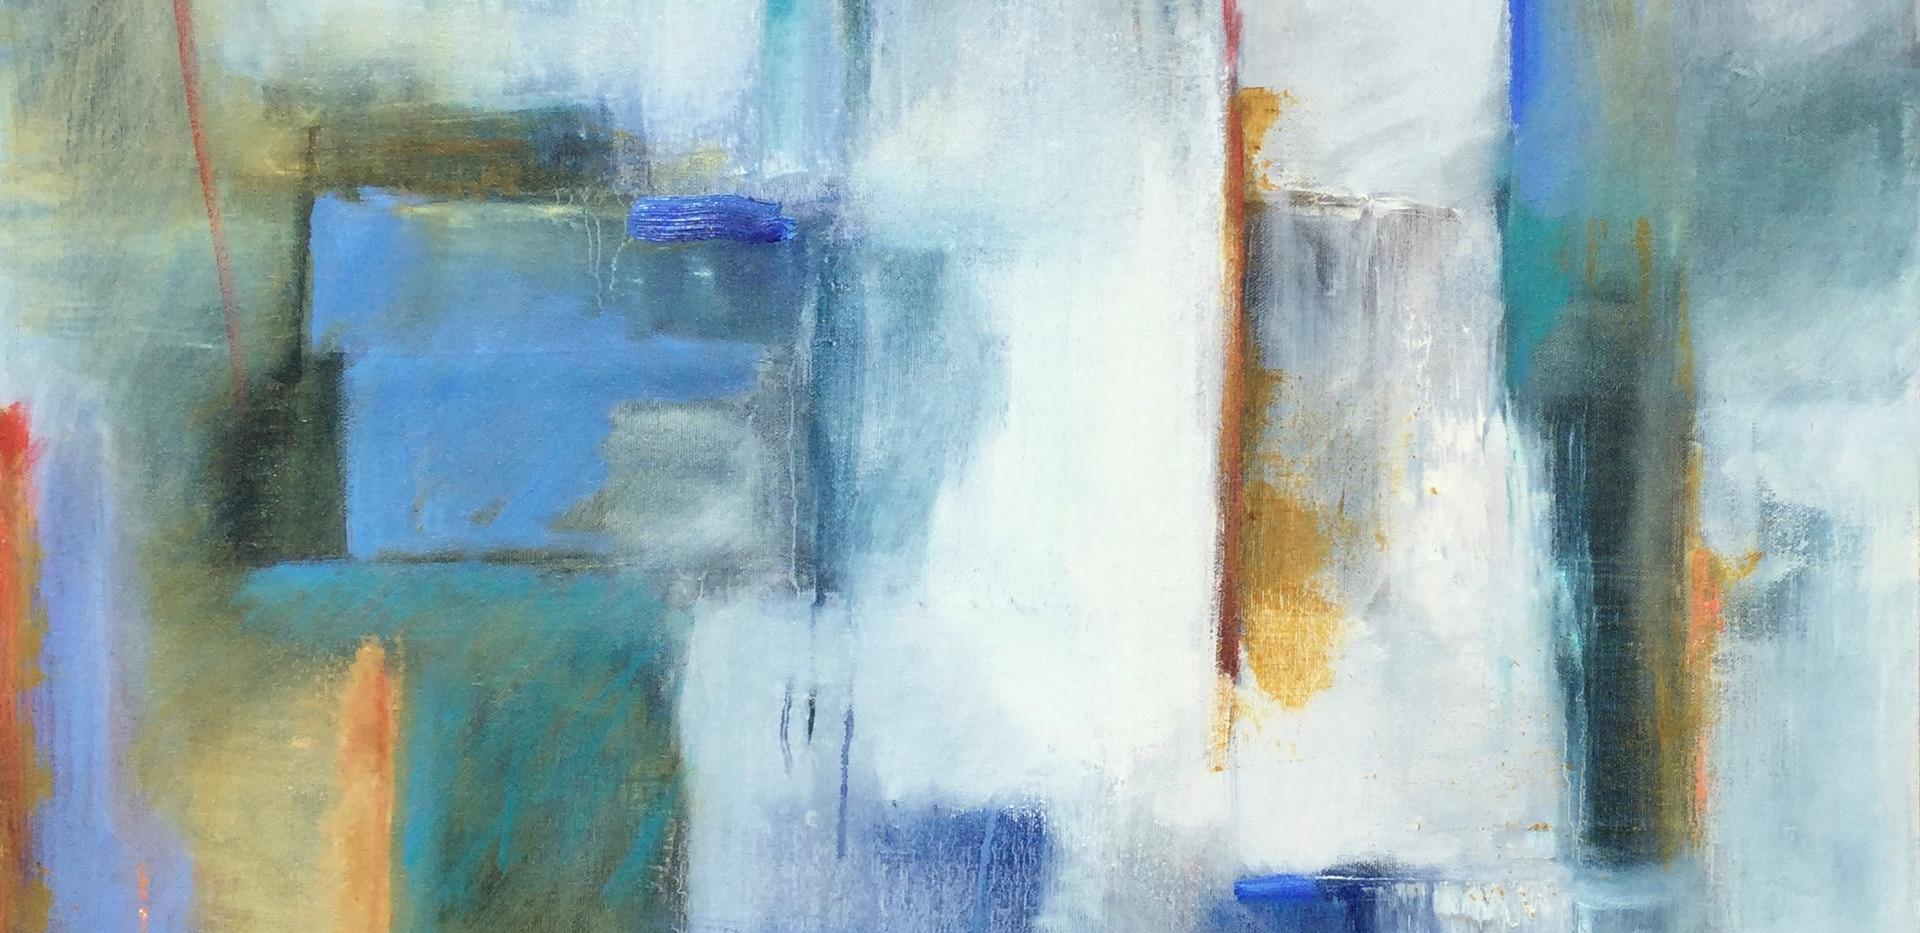 Blue Composition #1